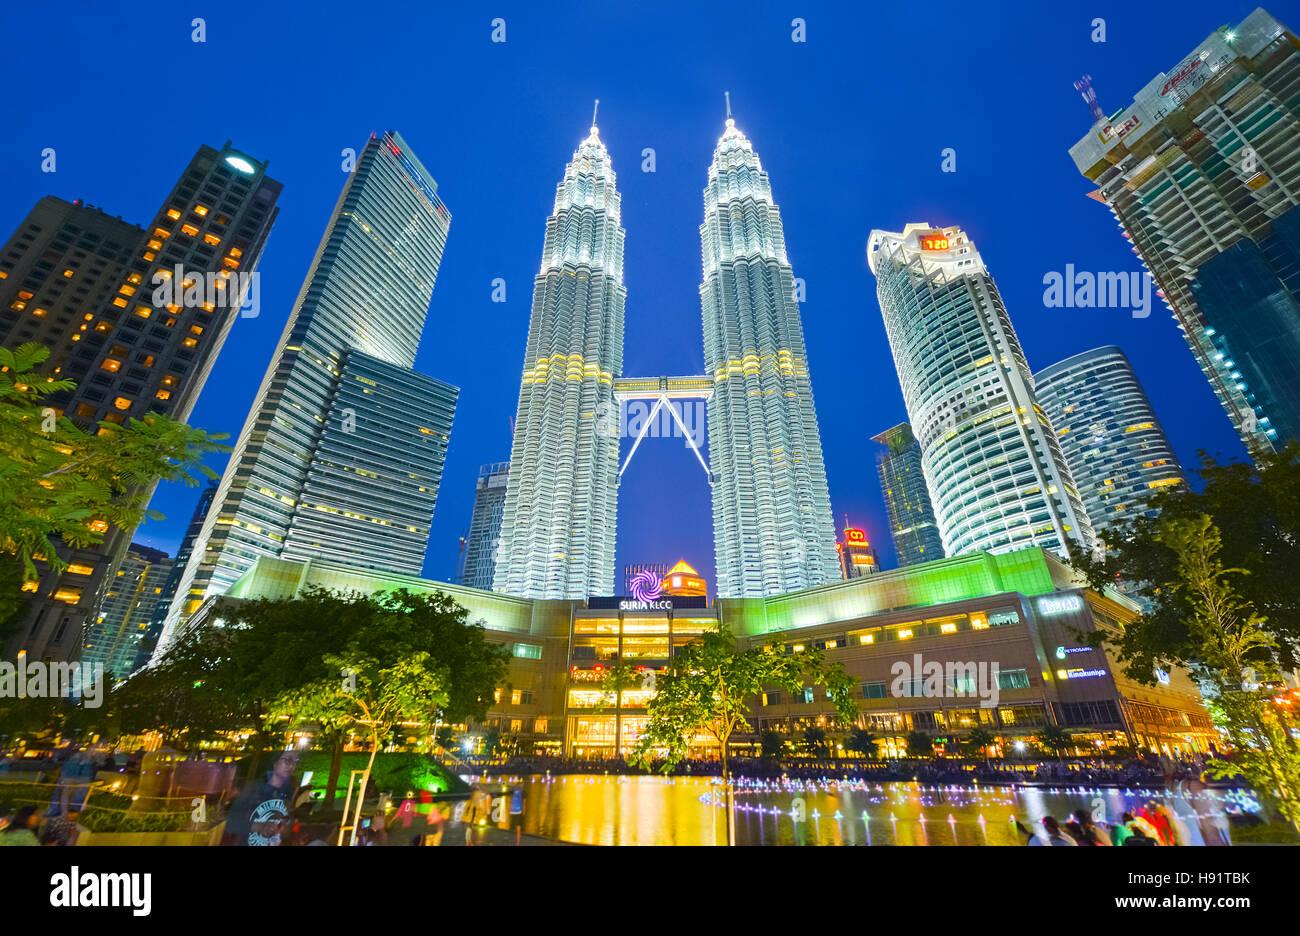 Night view of Petronas twin towers in Kuala Lumpur, Malaysia Stock Photo